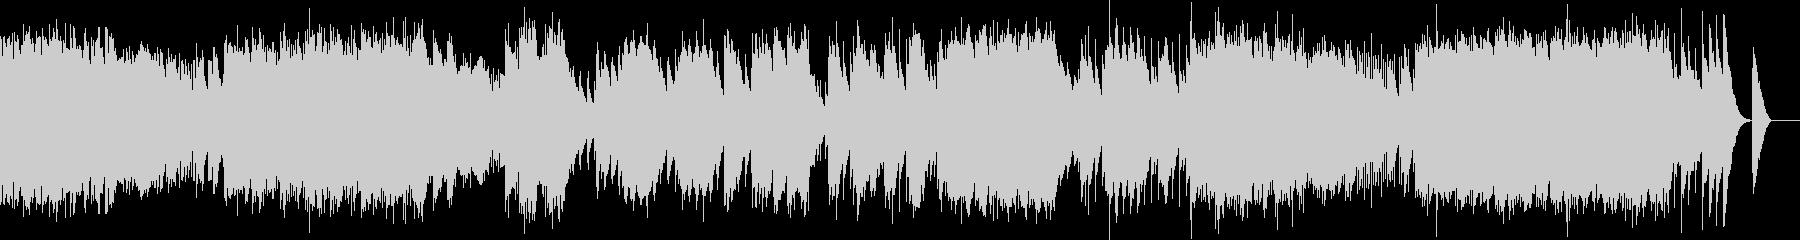 小組曲 2.行列(オルゴール)の未再生の波形